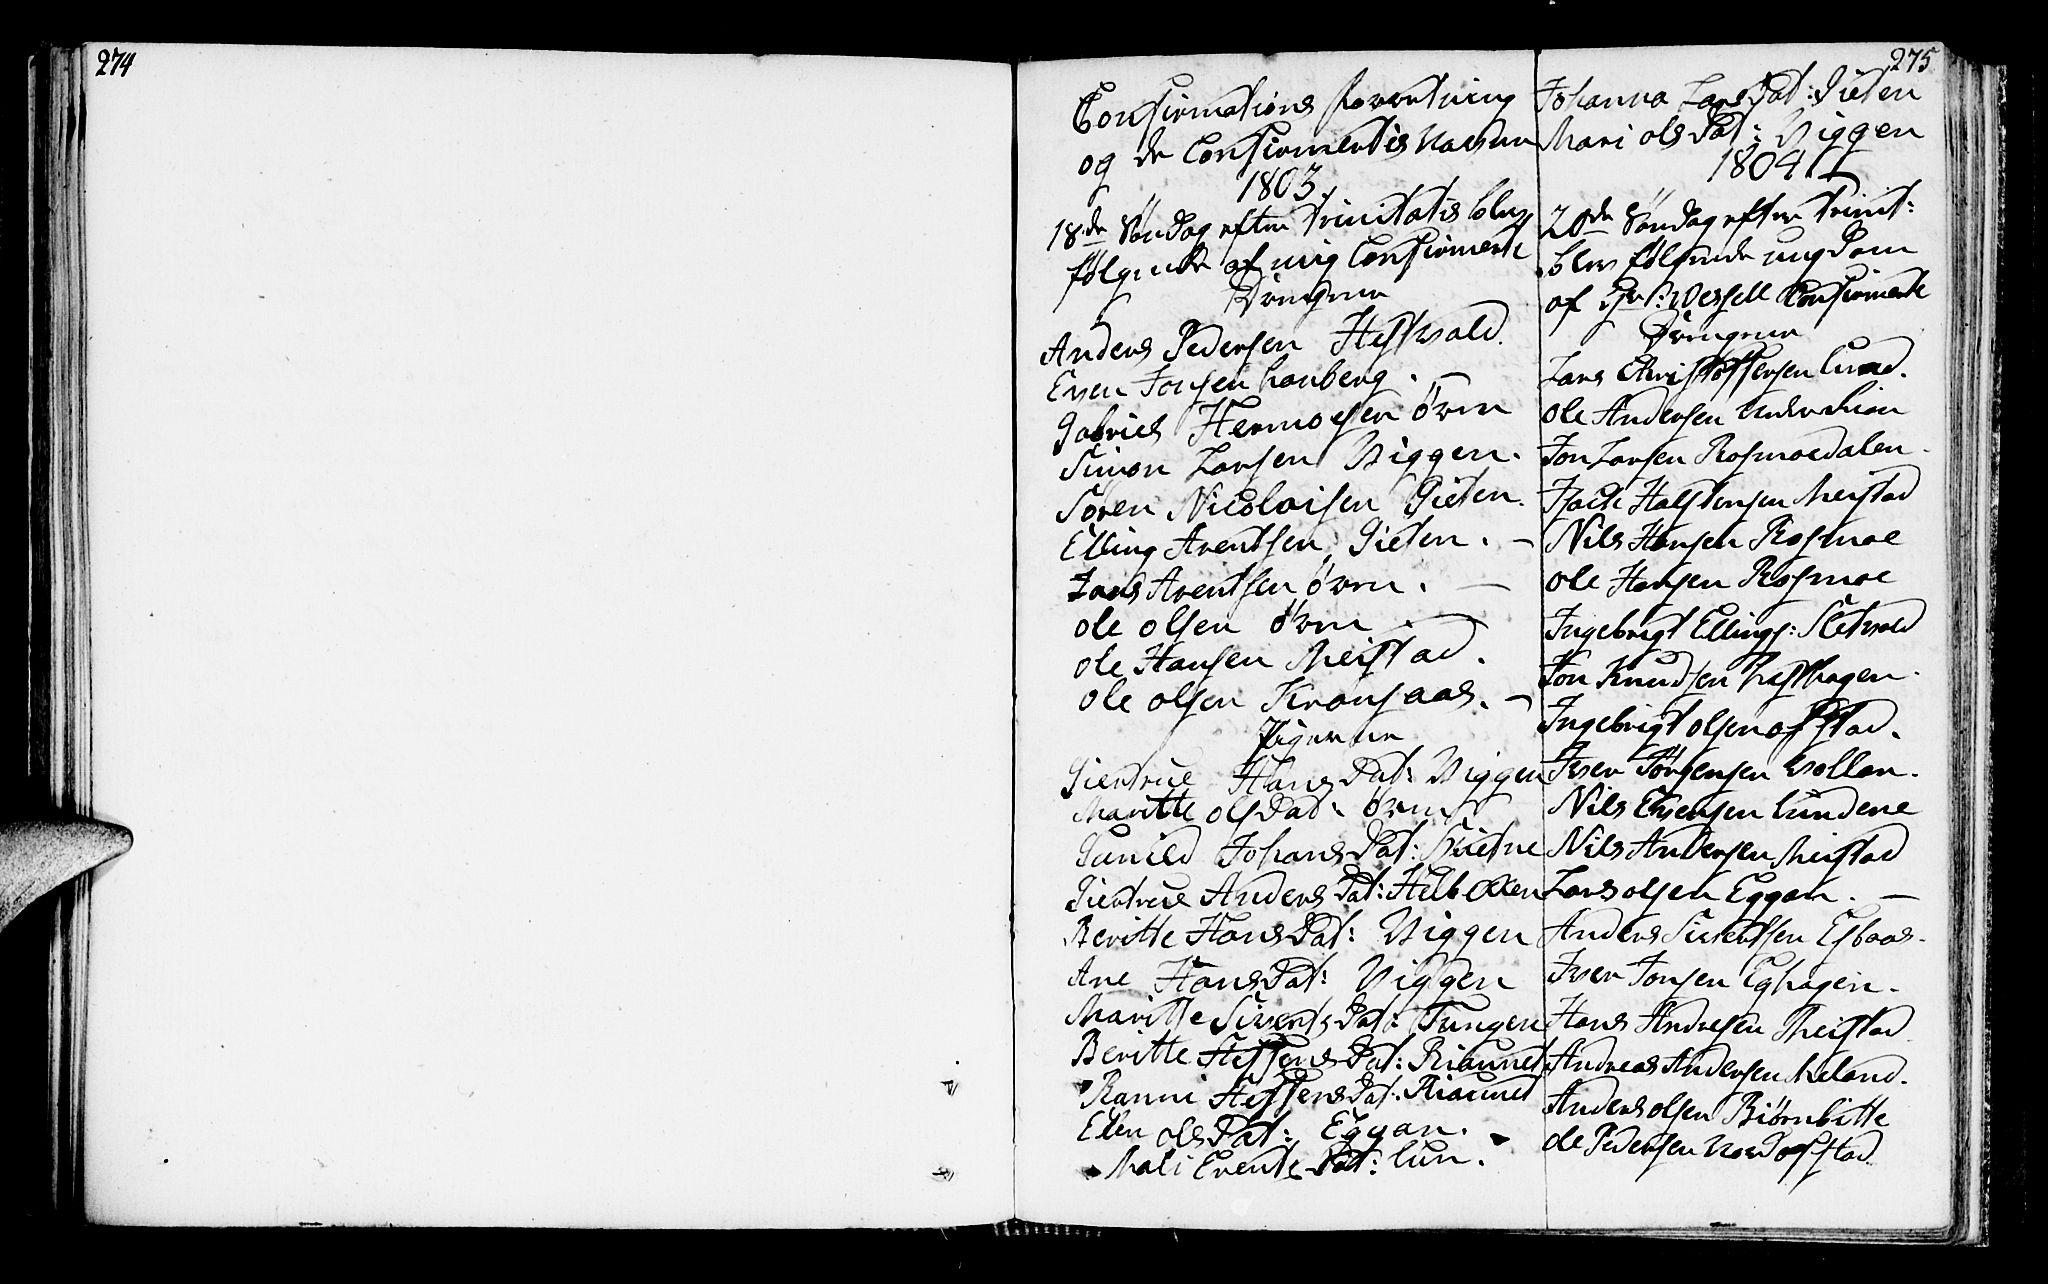 SAT, Ministerialprotokoller, klokkerbøker og fødselsregistre - Sør-Trøndelag, 665/L0769: Ministerialbok nr. 665A04, 1803-1816, s. 274-275